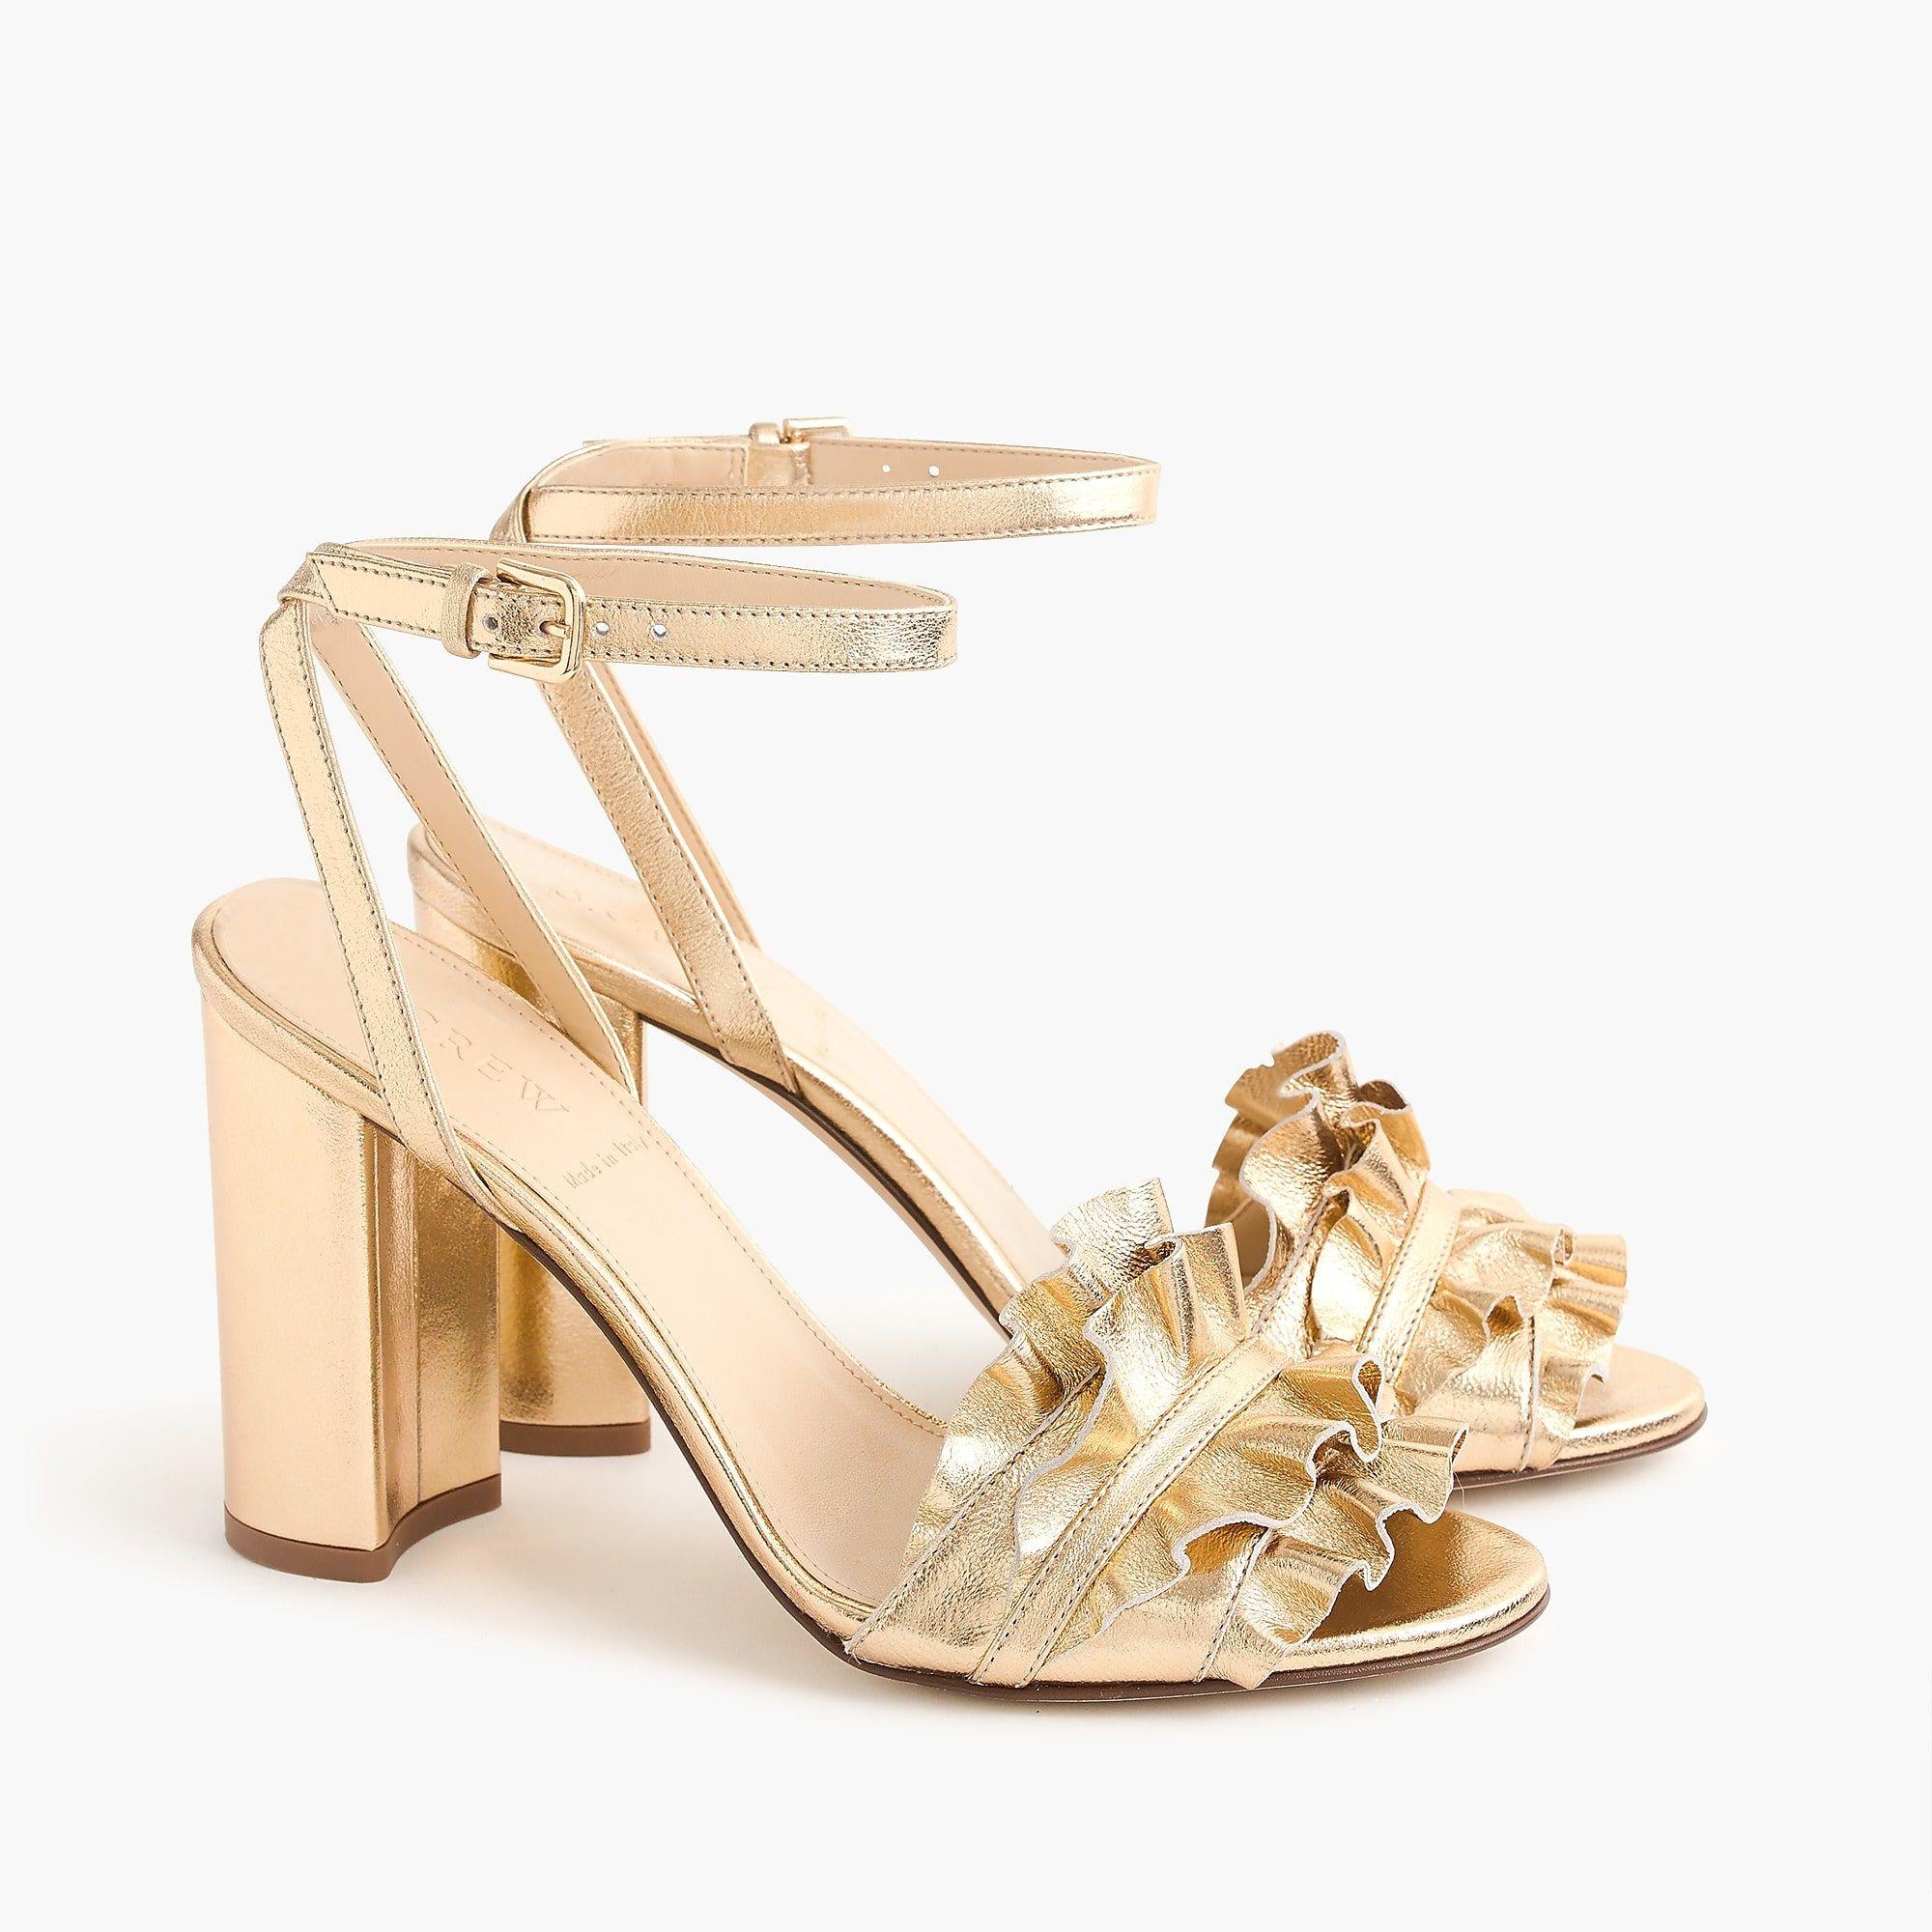 Women S Shoes Flats Sandals Heels More J Crew Best Bridal Shoes Strap Heels Leather Sandals Women